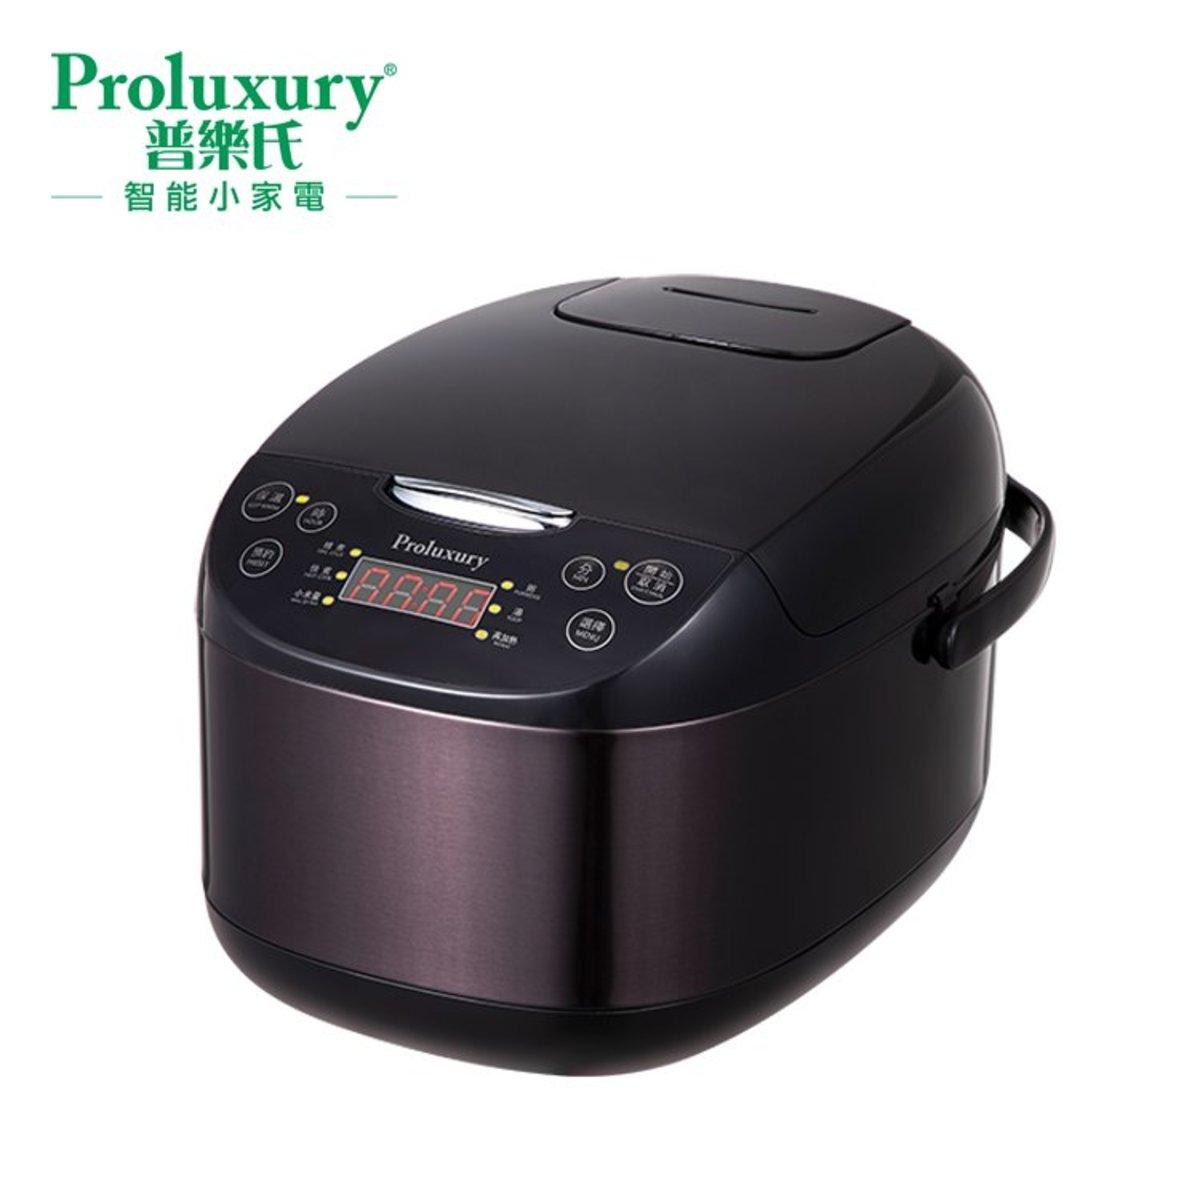 智能電飯煲 1.2公升 (PRC303012)